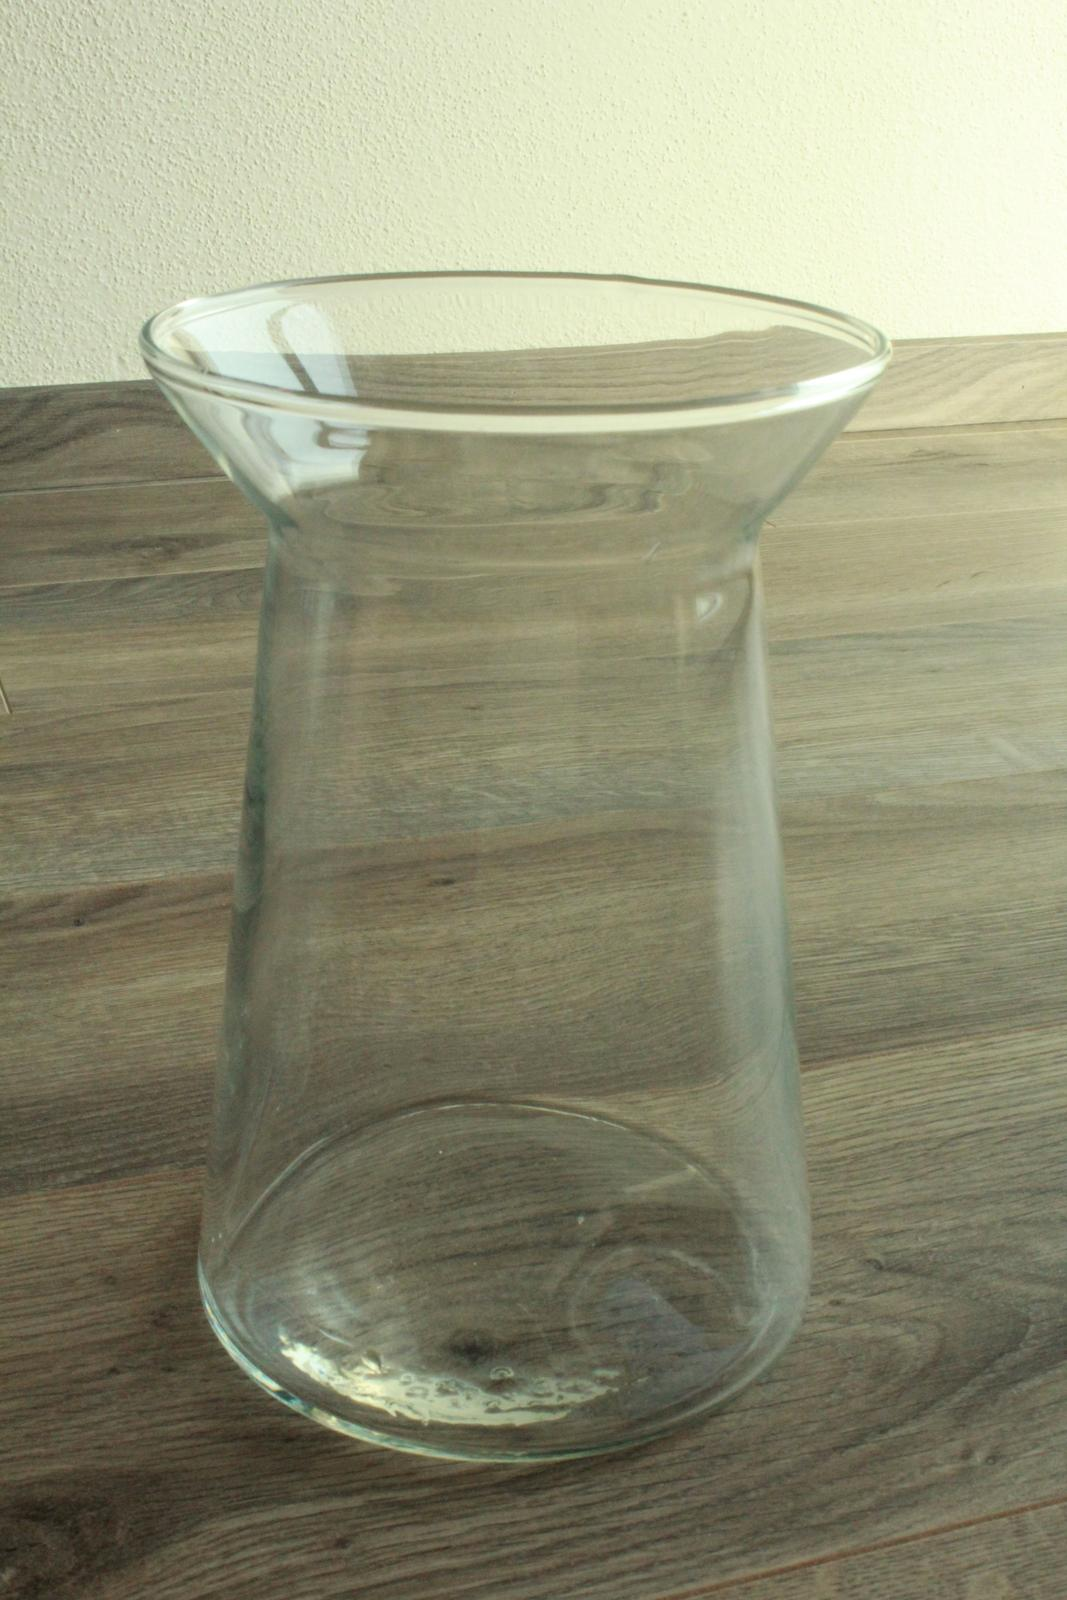 Moderní skleněné vázy - Obrázek č. 3